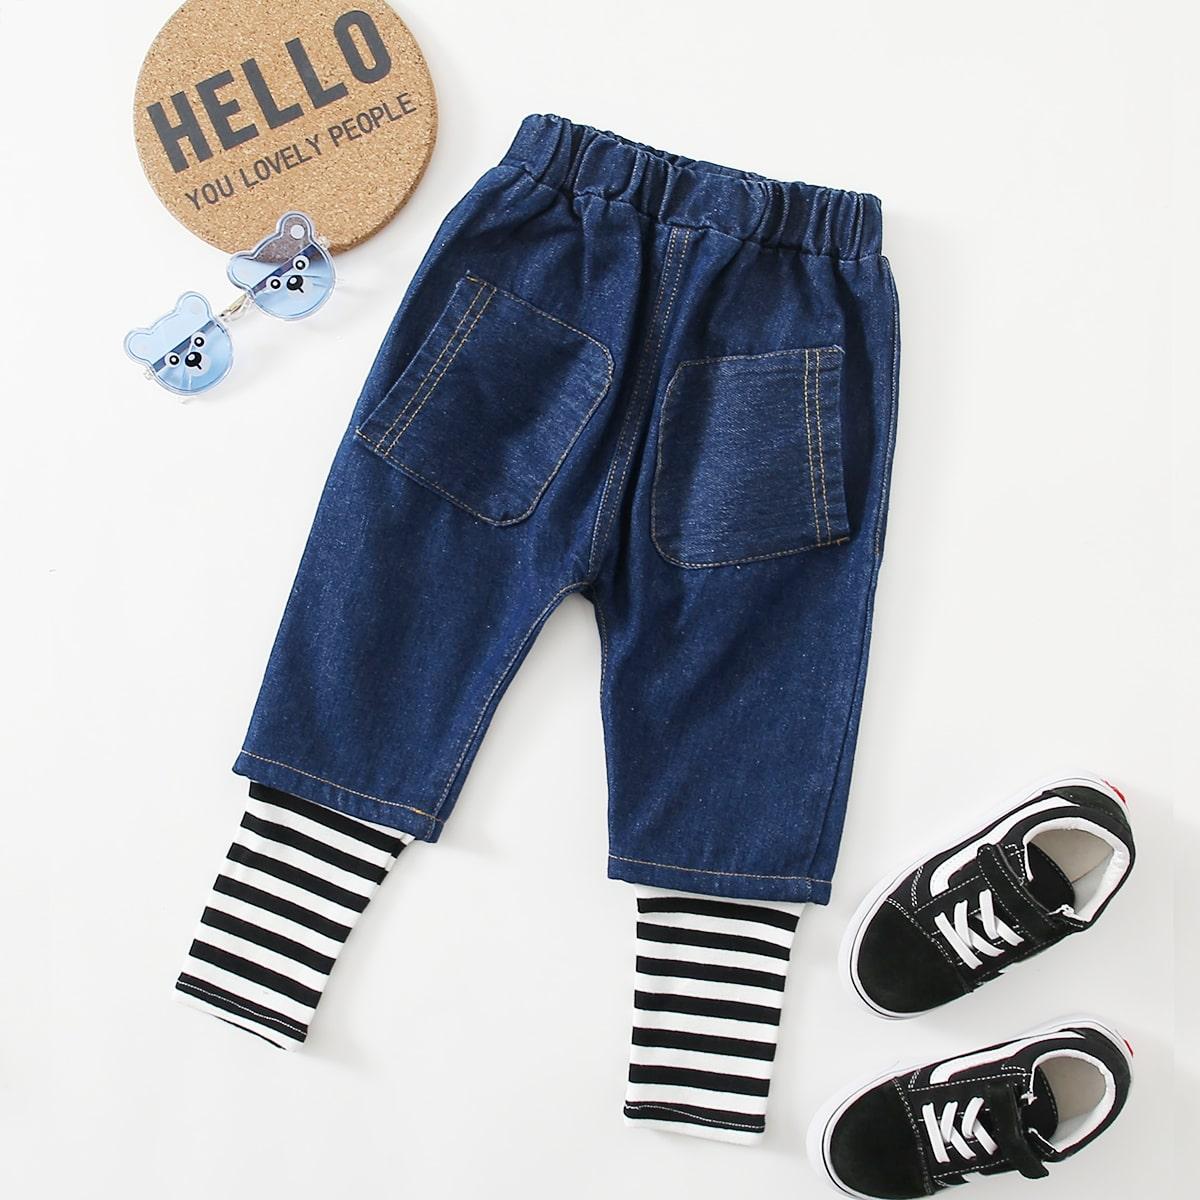 Карман полосатый повседневный джинсы для мальчиков